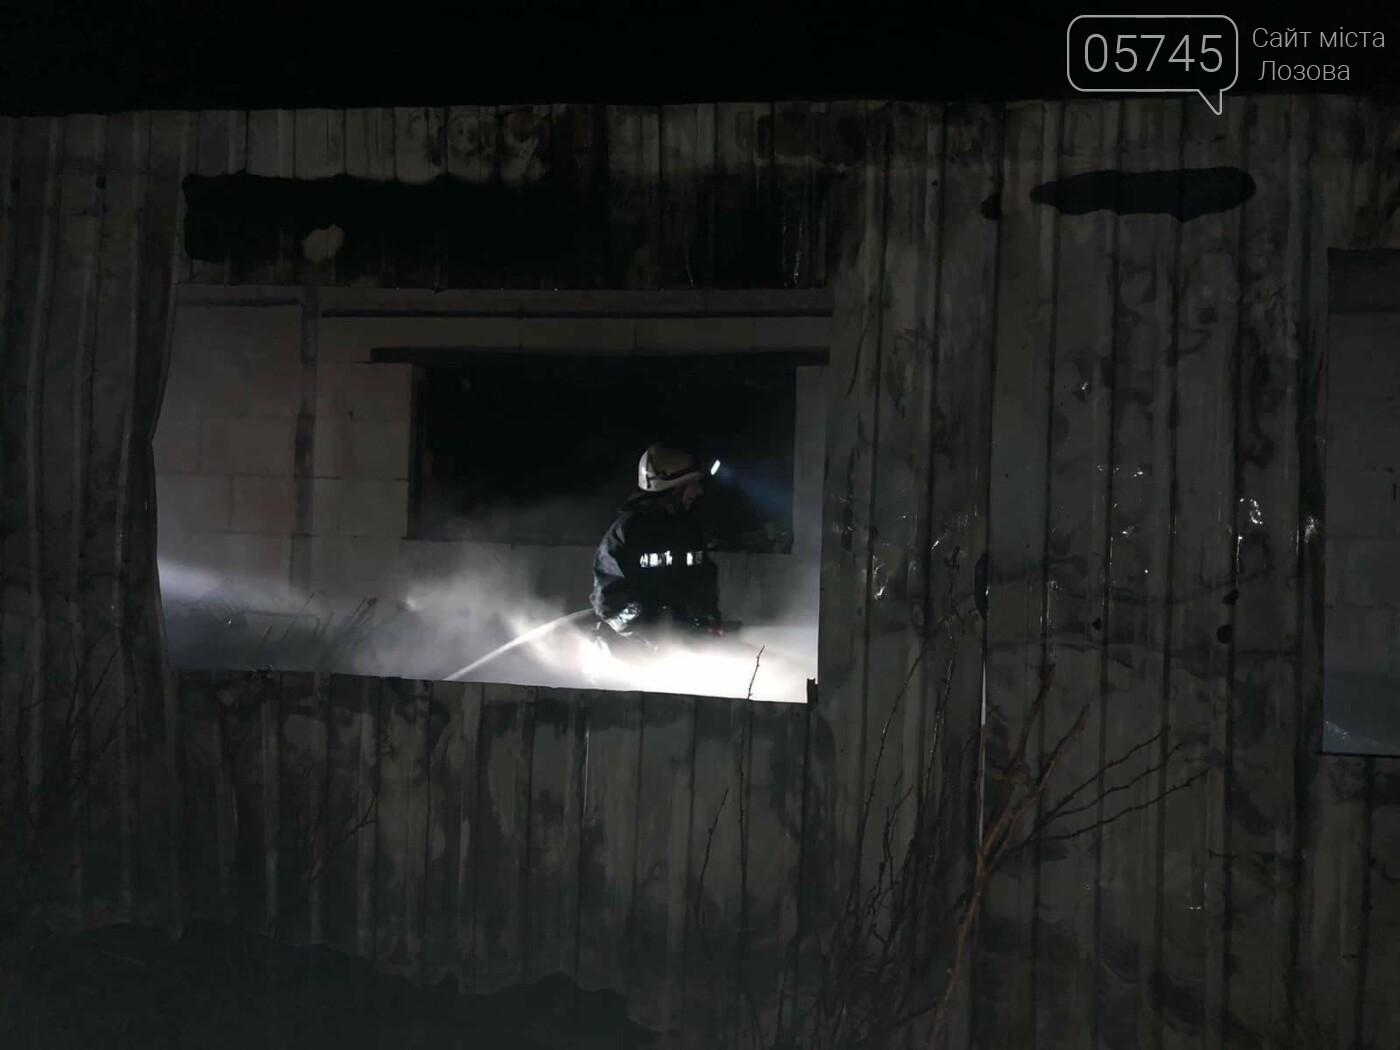 На Лозовщине горел склад фермерского хозяйства: от гибели спасли 150 коров, фото-5